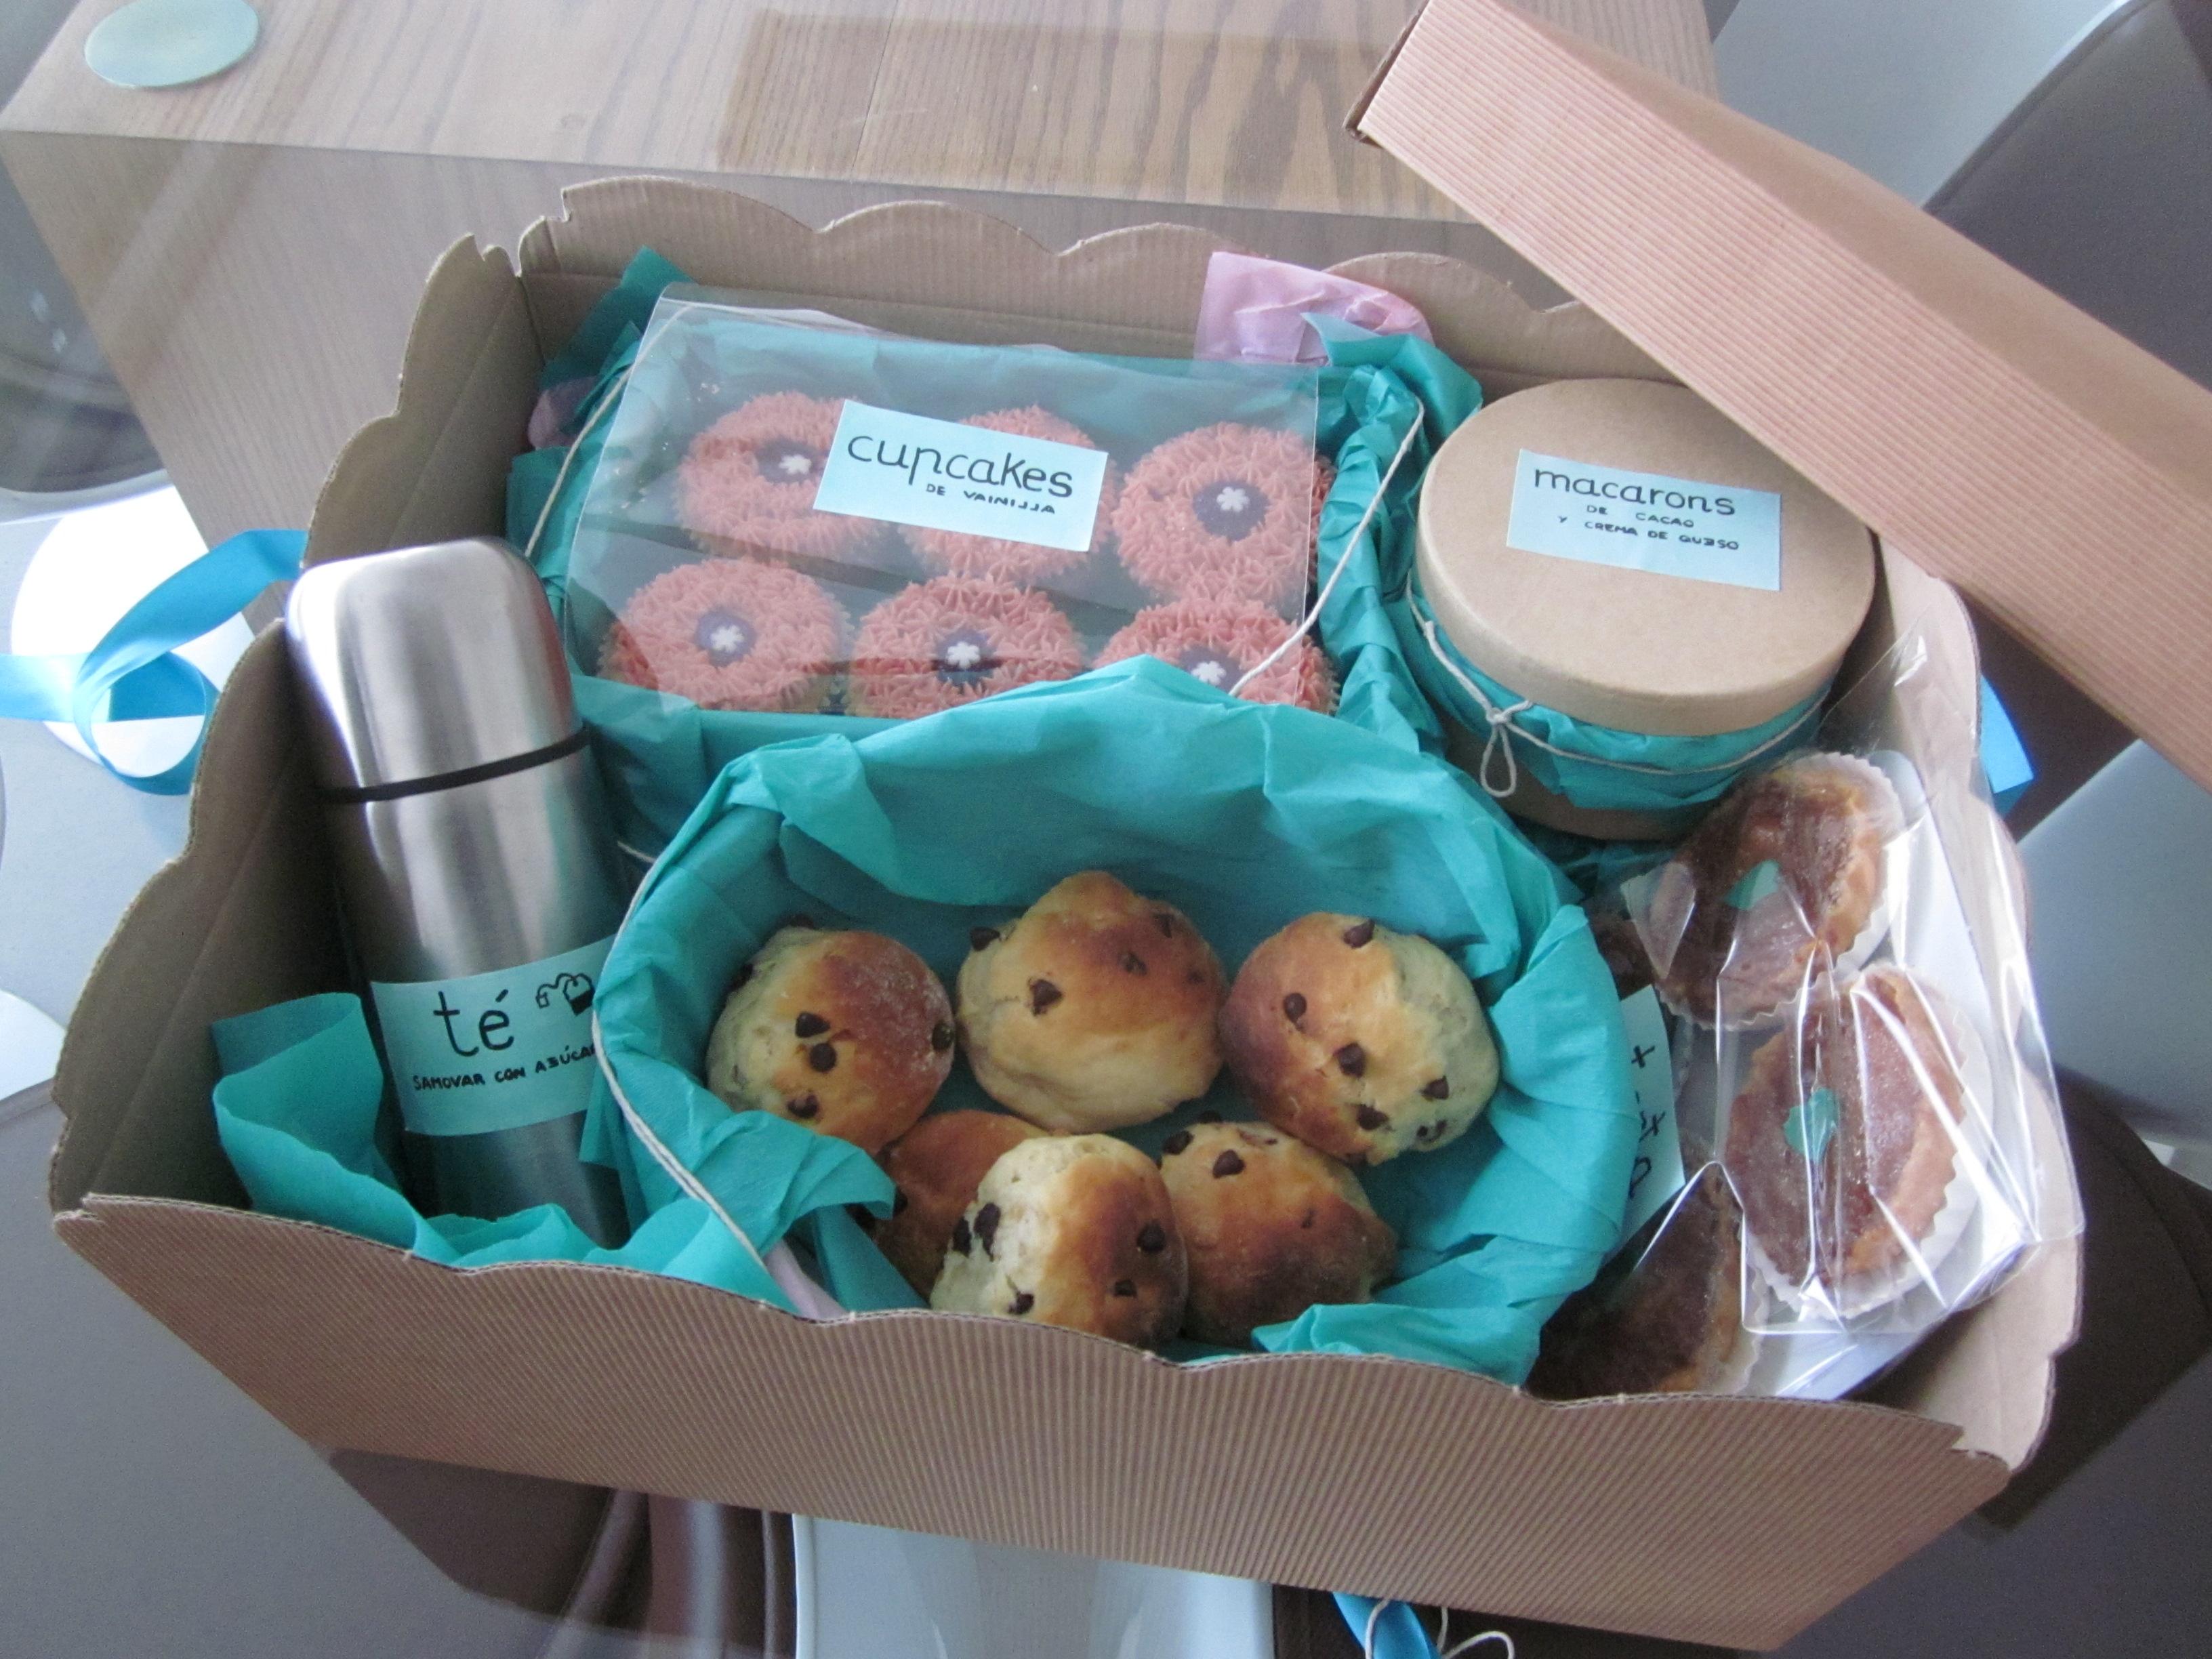 Una caja desayuno pinch n m nica iglesias - Desayuno sorpresa madrid ...